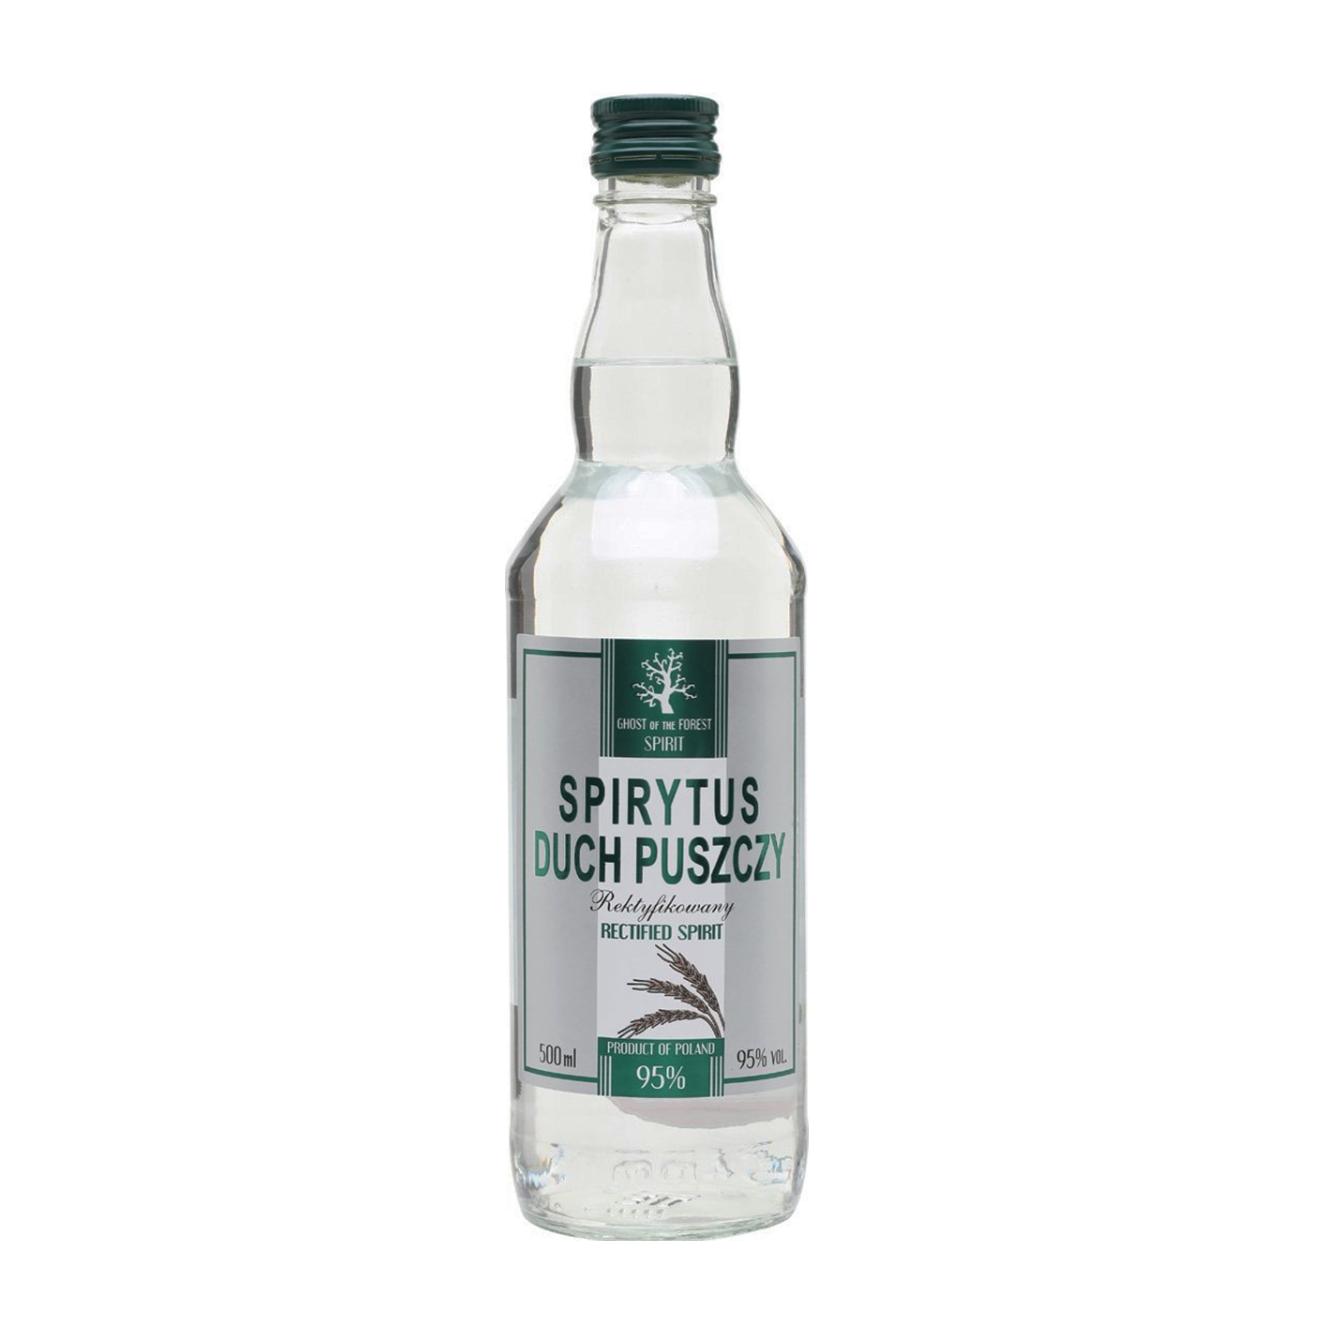 Spirytus Rektyfikowany Duch Puszczy